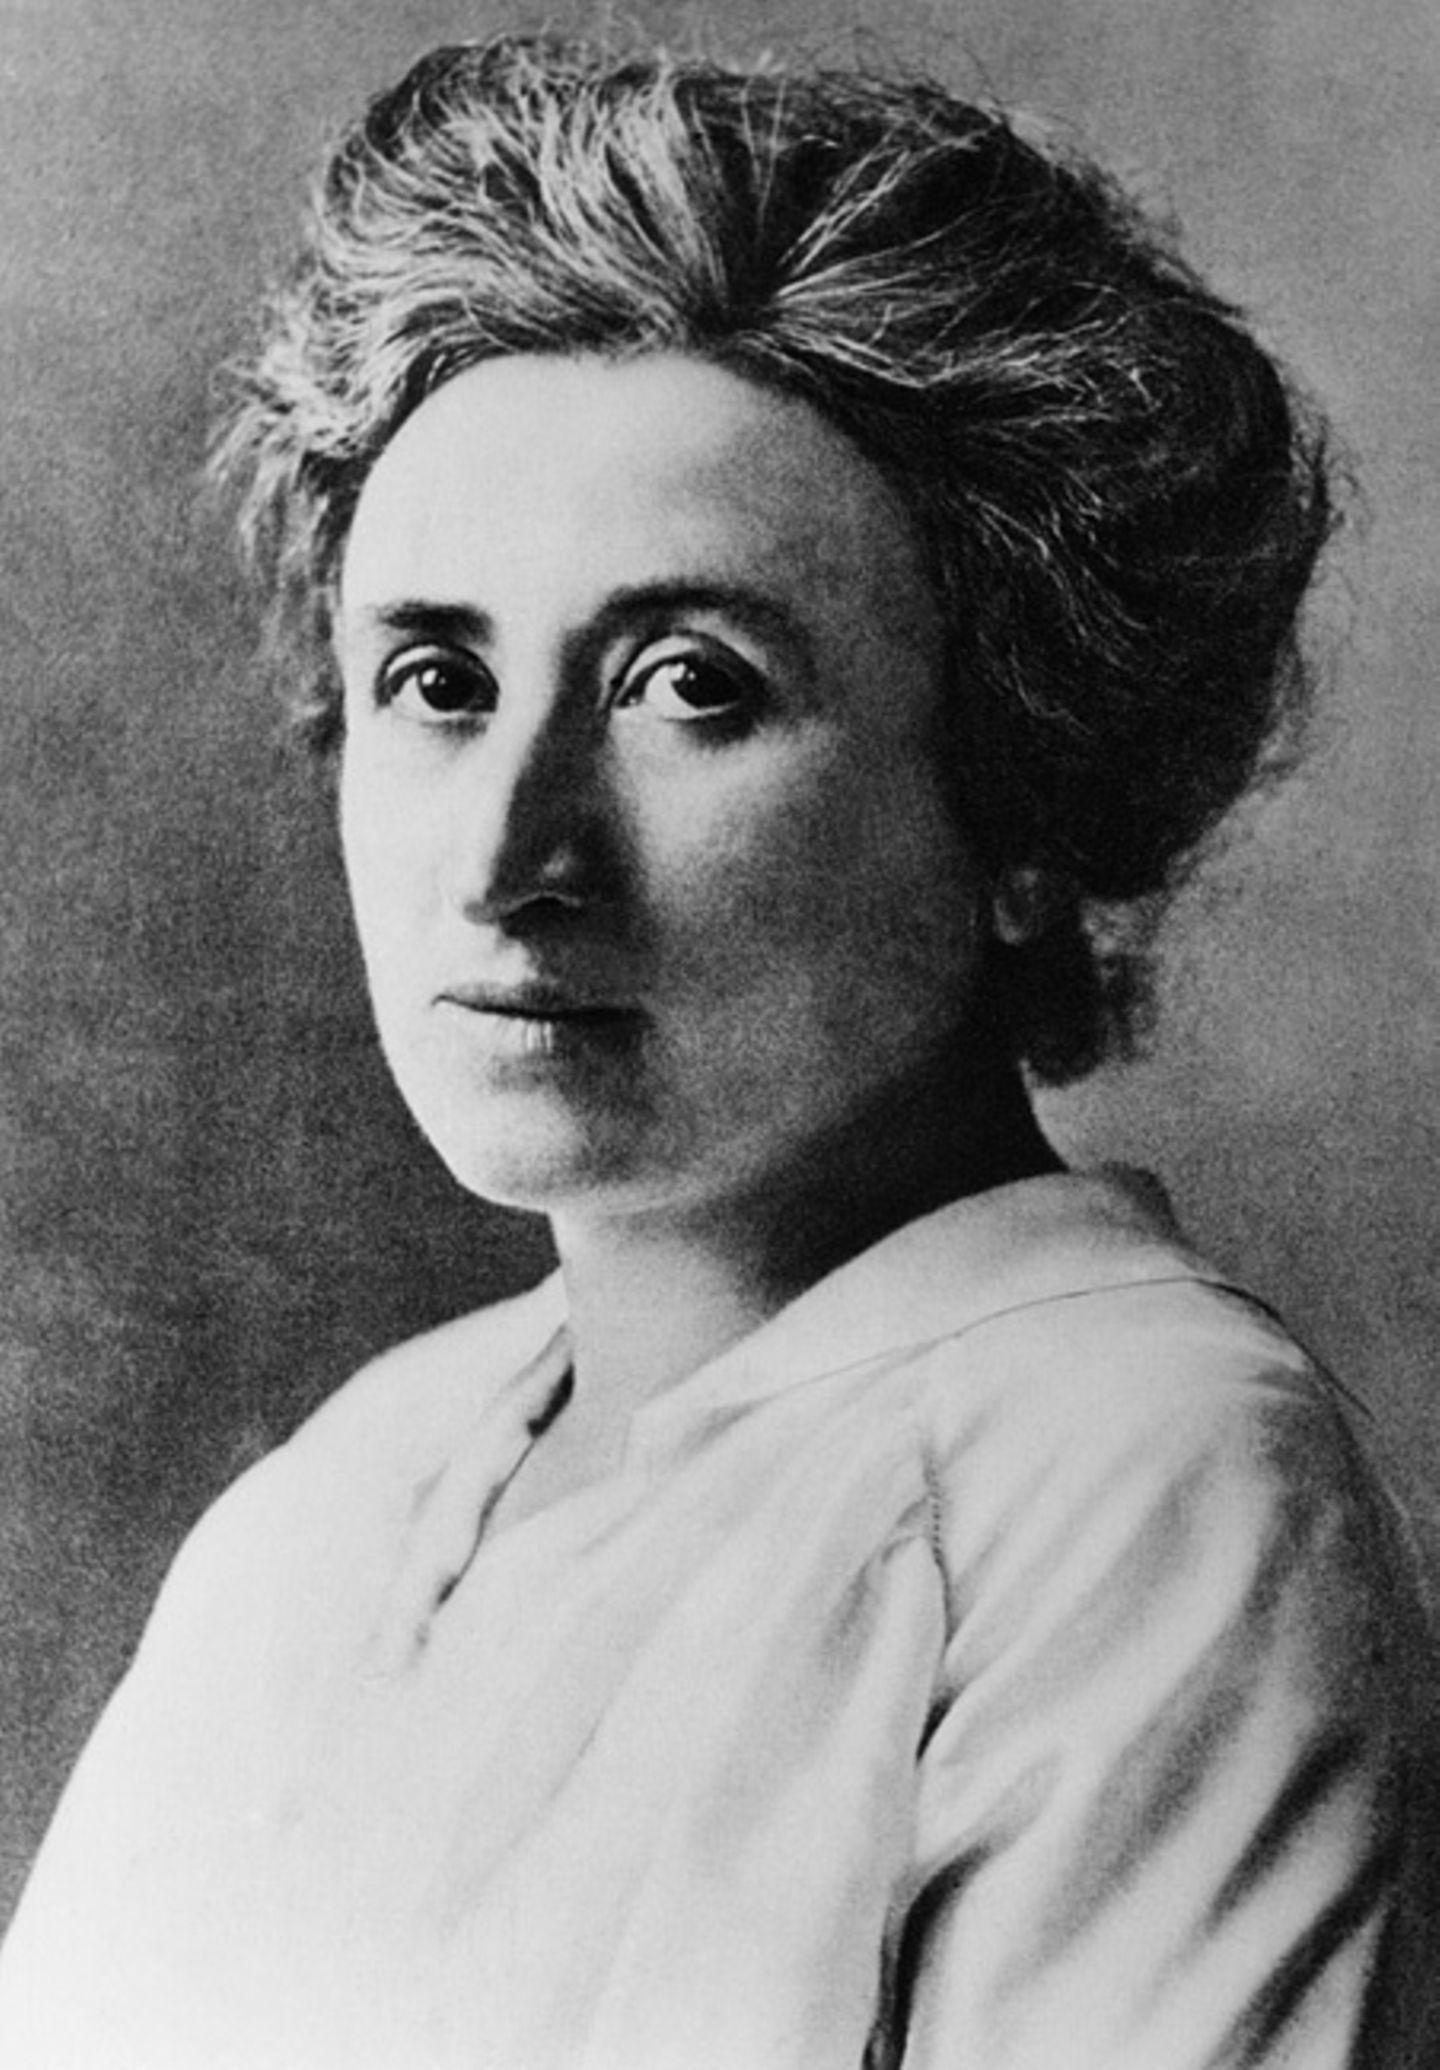 Weltveränderer: In Anlehnung an Karl Marx setzte sich Rosa Luxemburg für Gleichheit und Gerechtigkeit ein